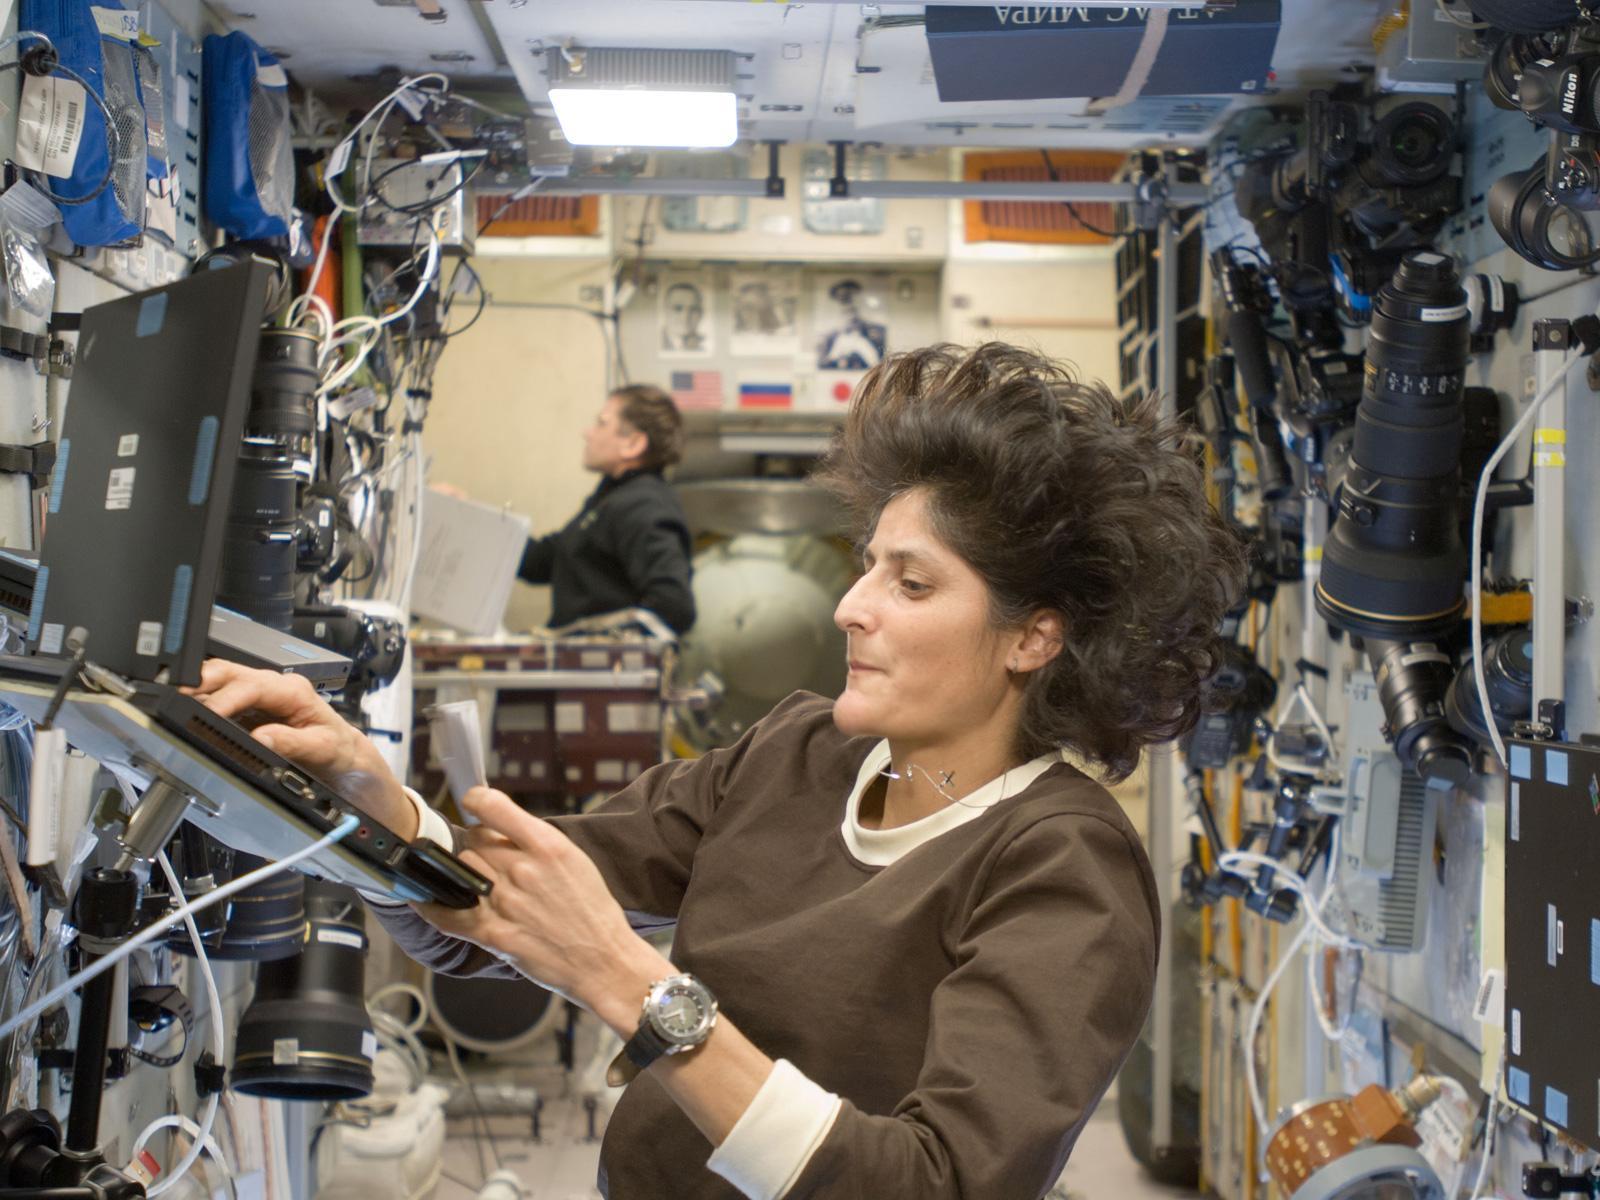 sunita williams in space station-#2